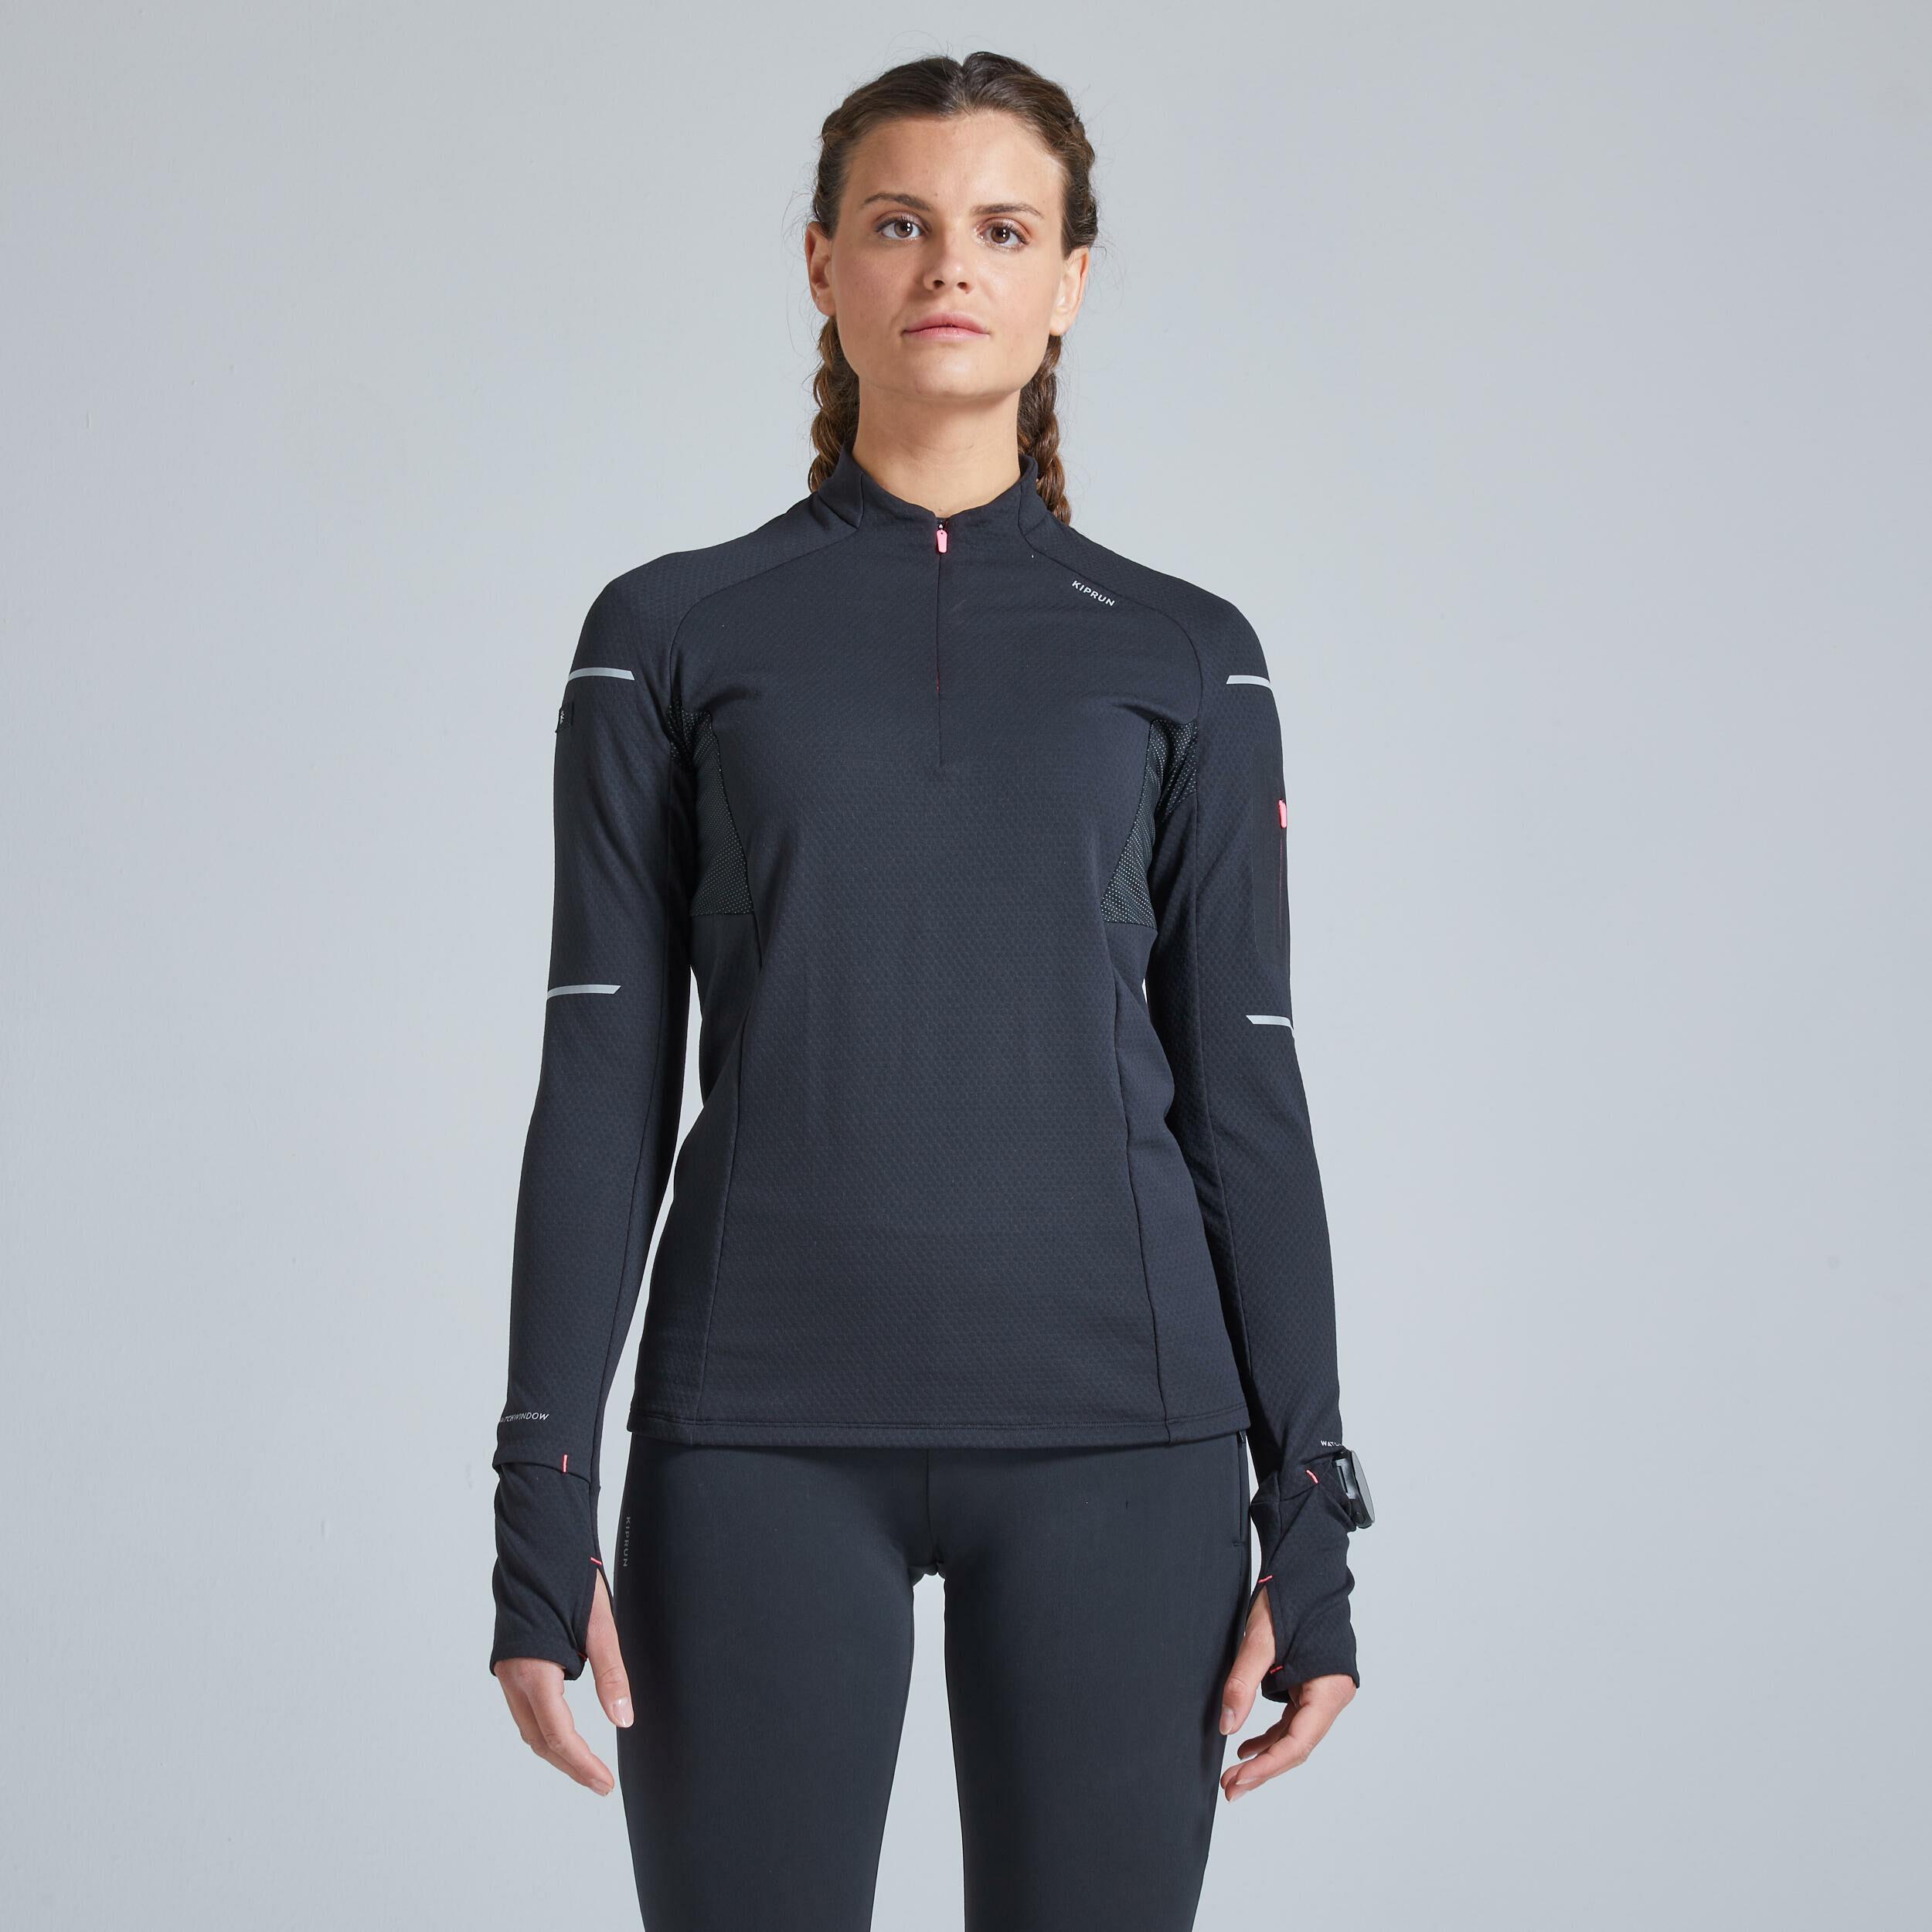 Koszulka do biegania z długim rękawem damska Kiprun Warm Light cienka ocieplana